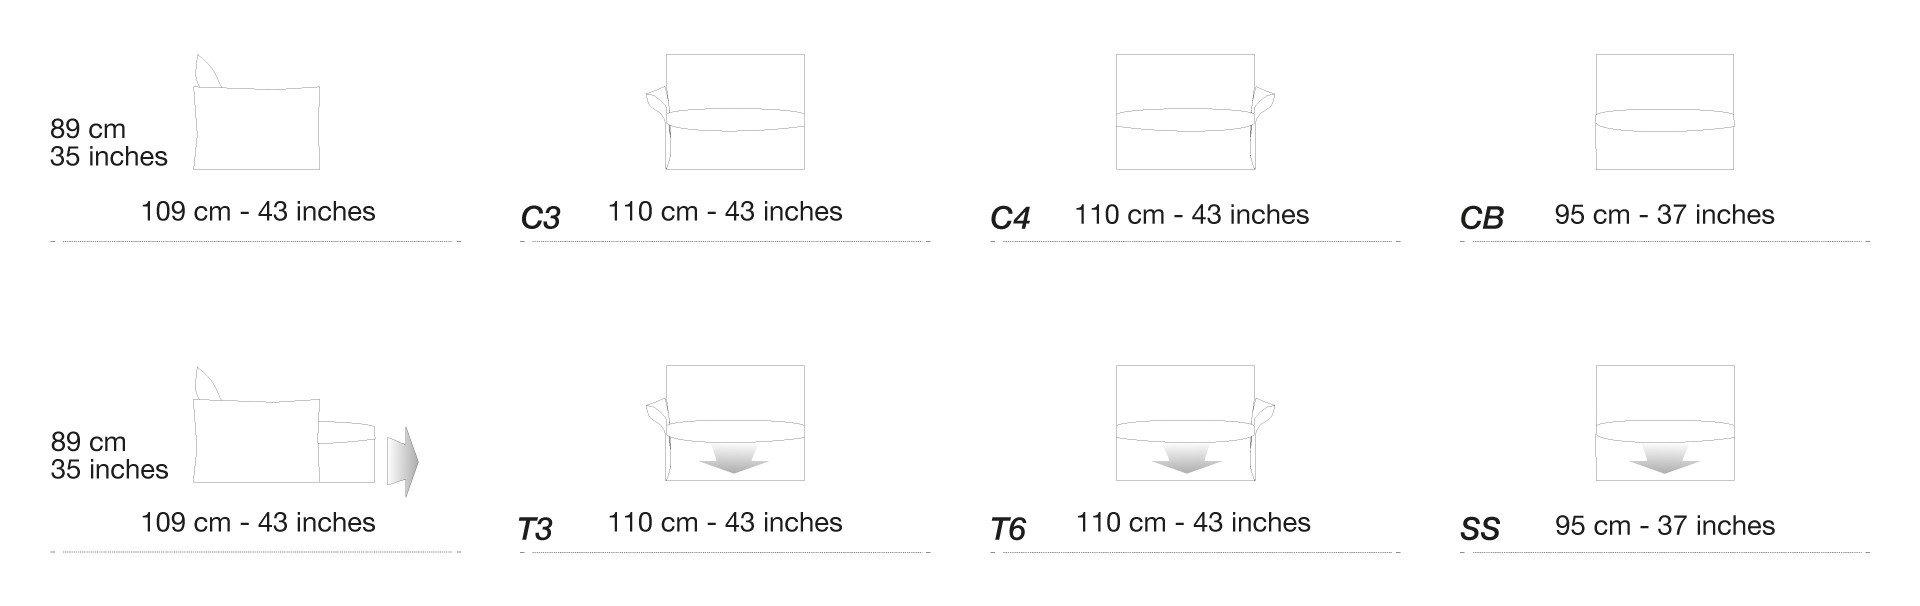 Kích thước số đo của bộ ghế sofa Softy